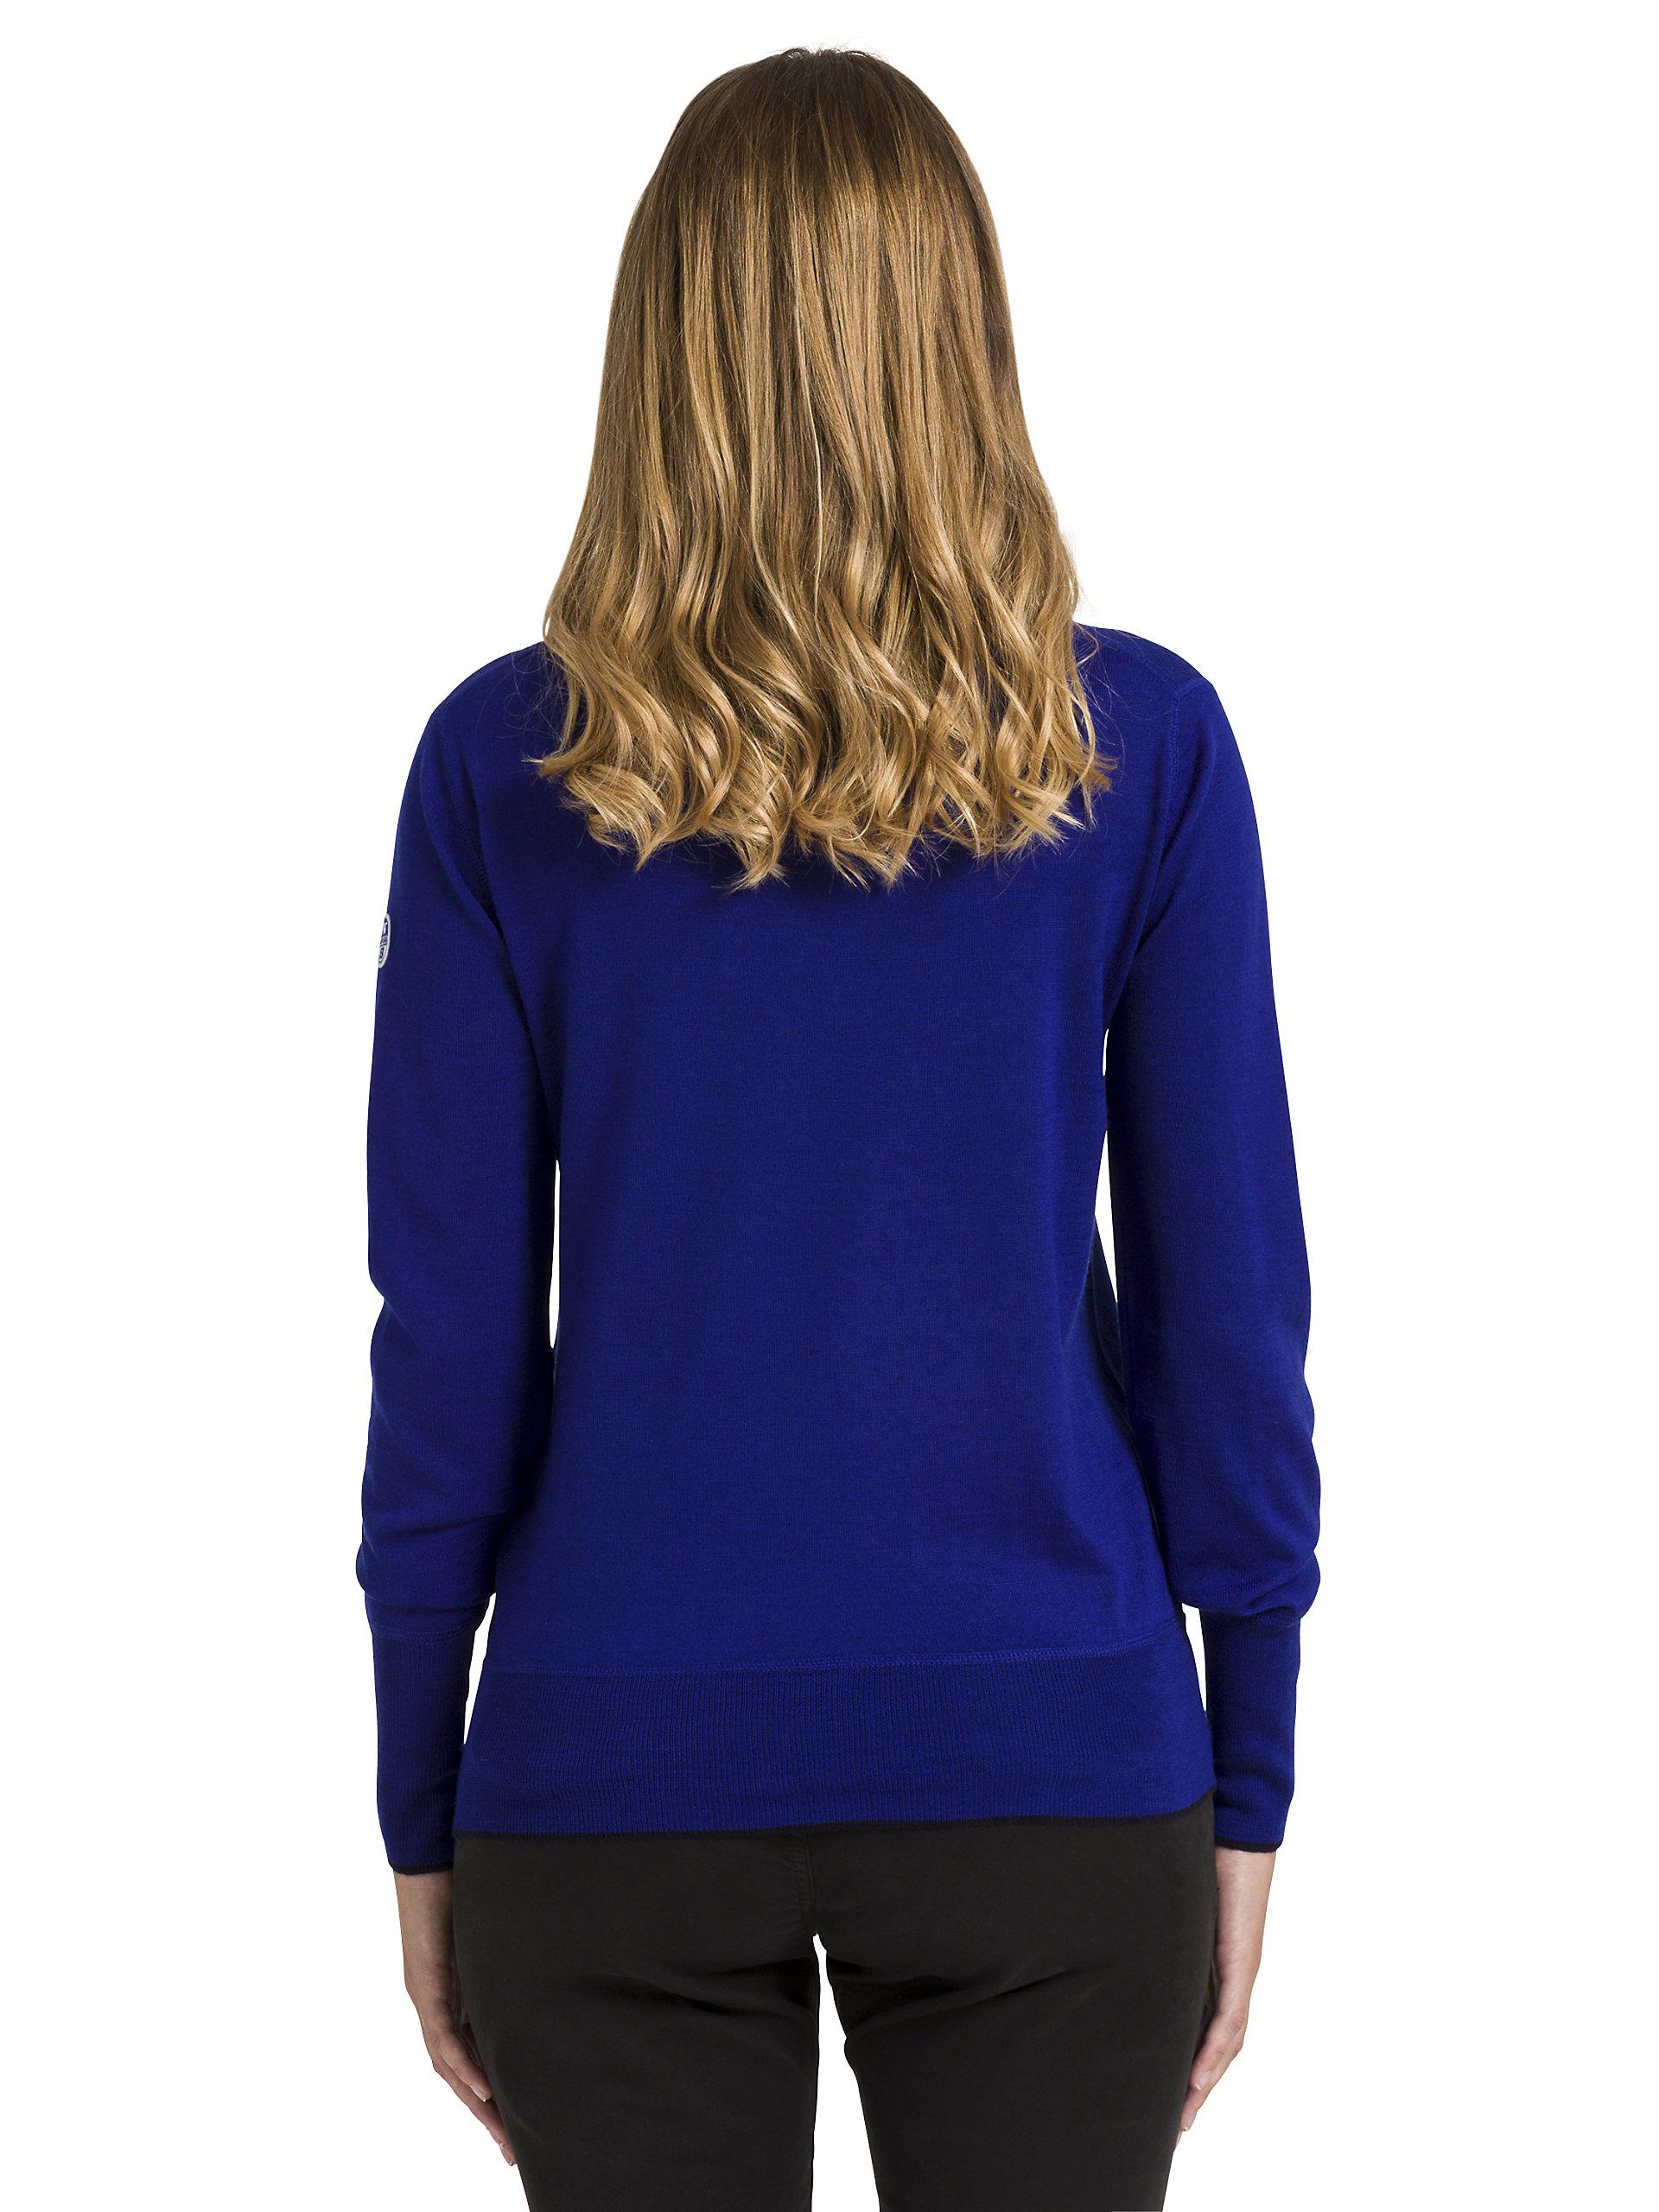 North Sails Pullover Pullover Pullover V-Collo Sweater Realizzato In Lana Merino Delle Donne 670056